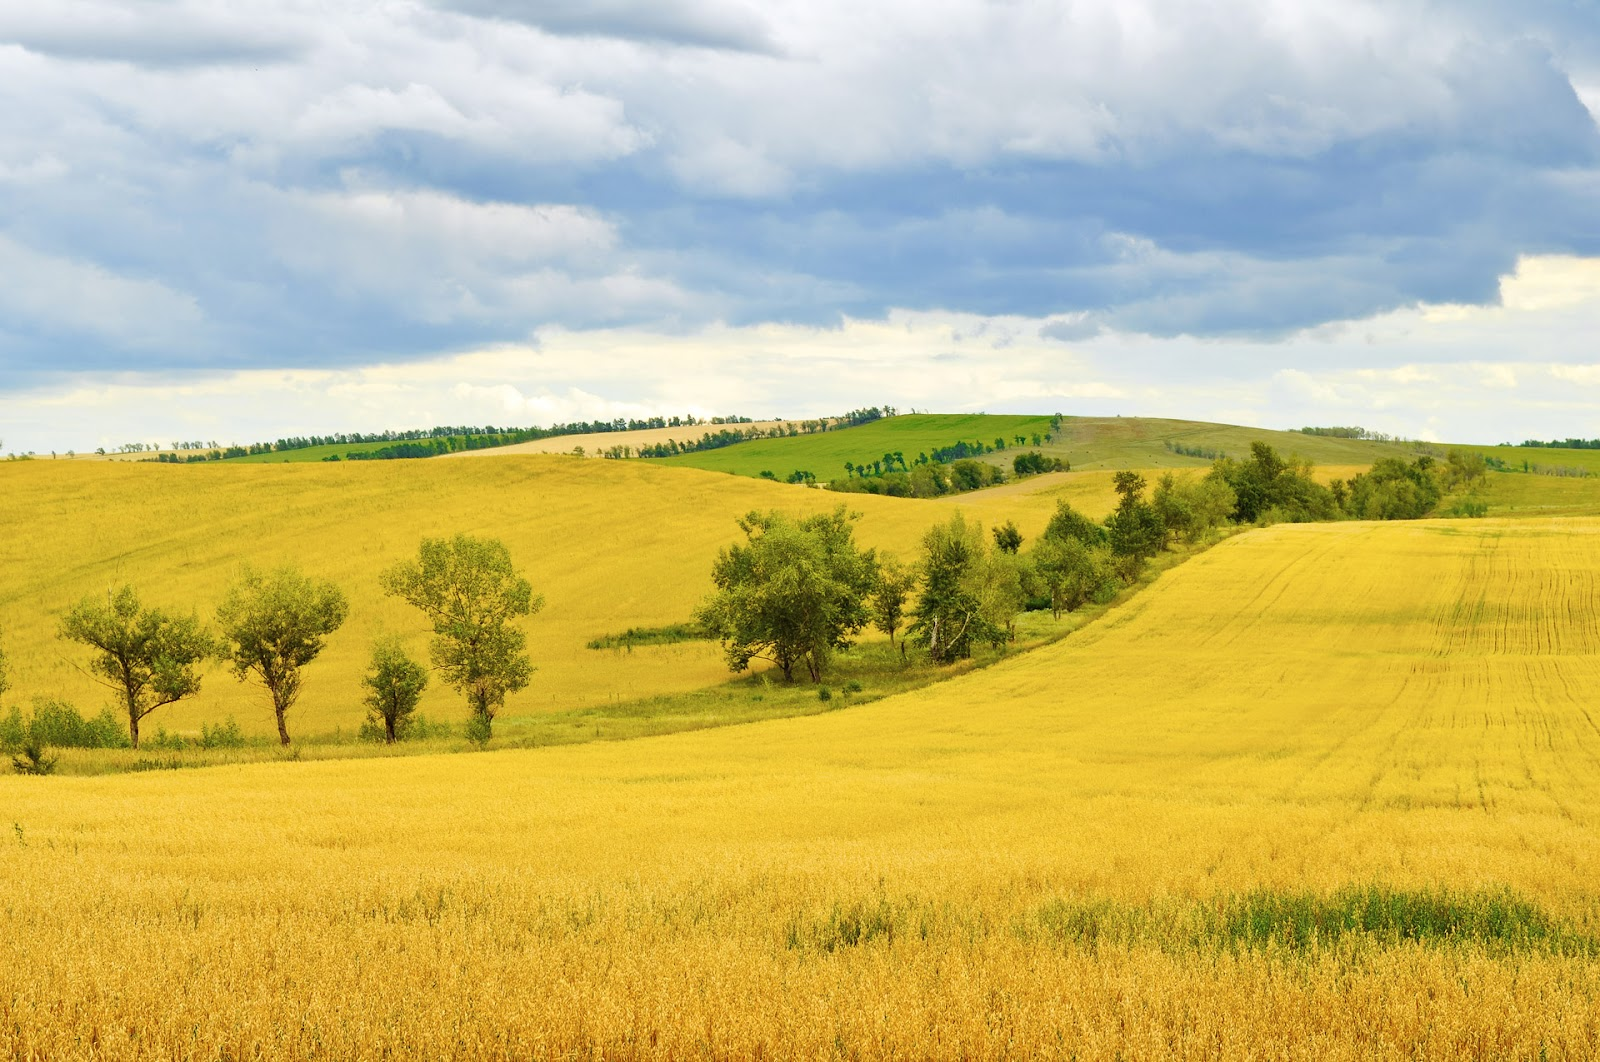 rural-field.jpg